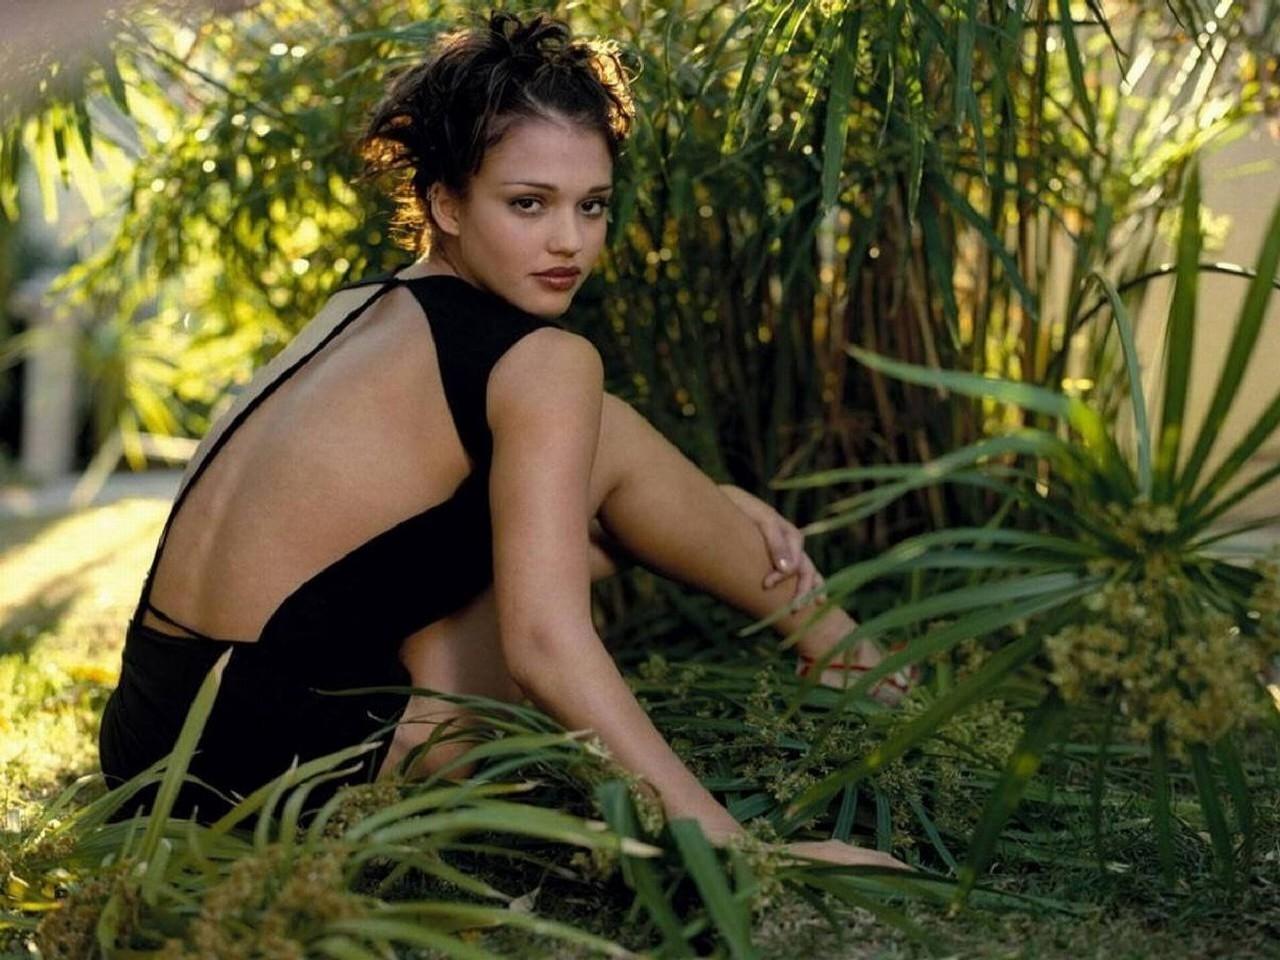 Wallpaper di Jessica Alba - la bella attrice americana è di origini messicane ed europee